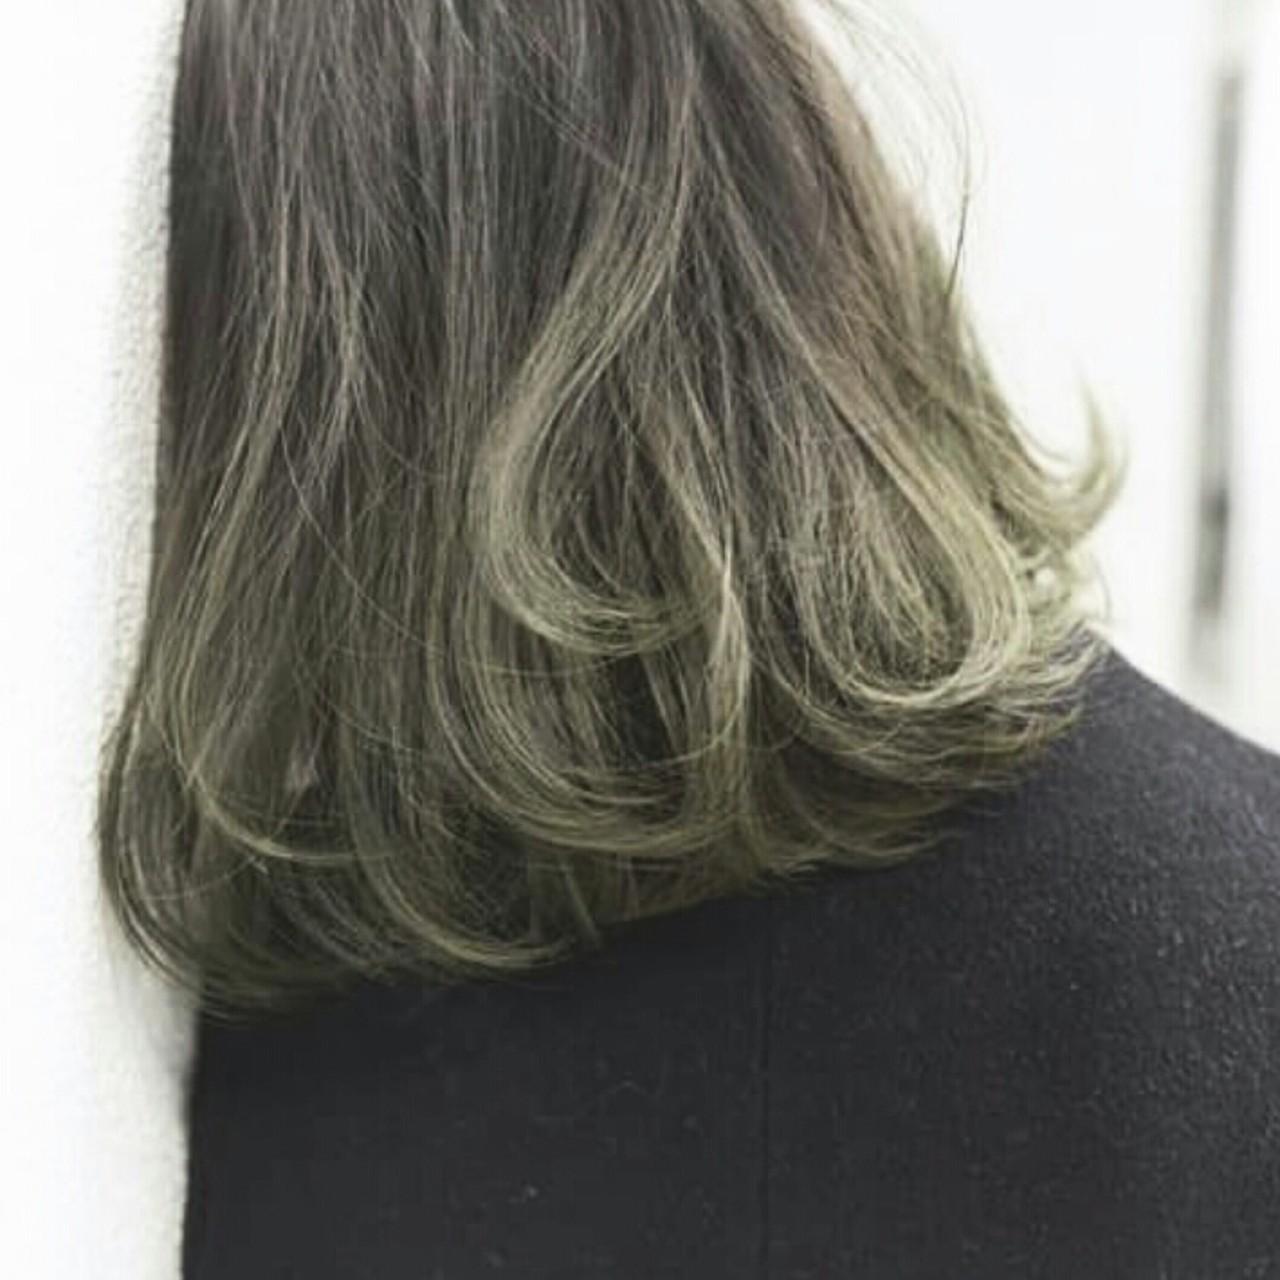 インナーカラー グラデーションカラー ストリート ボブ ヘアスタイルや髪型の写真・画像   野崎 秀幸 / HEAVENS SHIBUYA